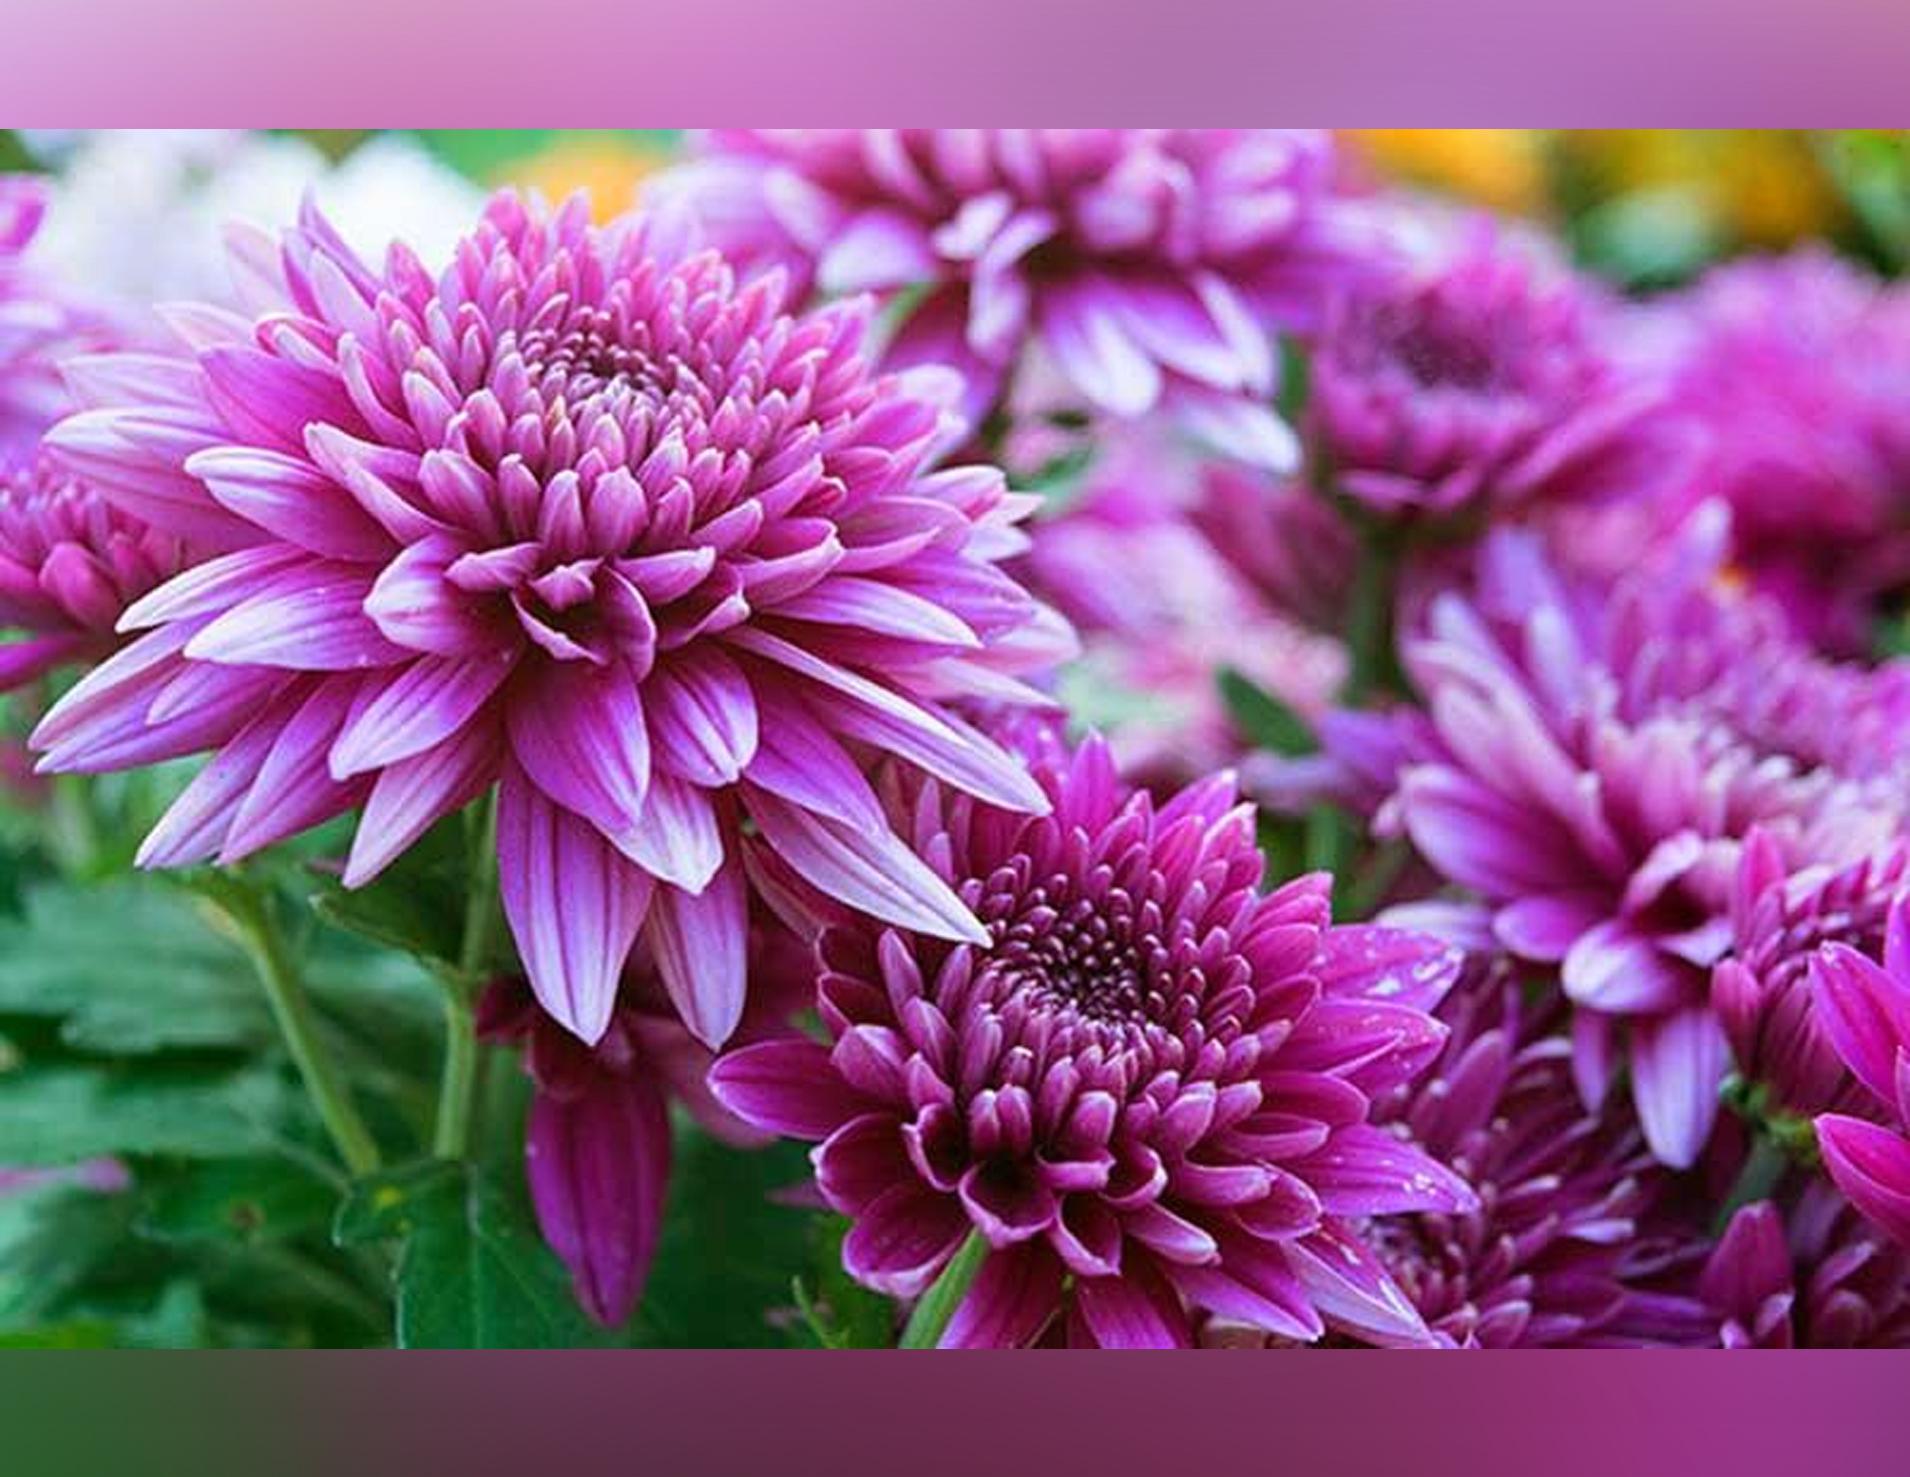 Download 99 Koleksi Gambar Bunga Seruni HD Gratid Gambar Bunga